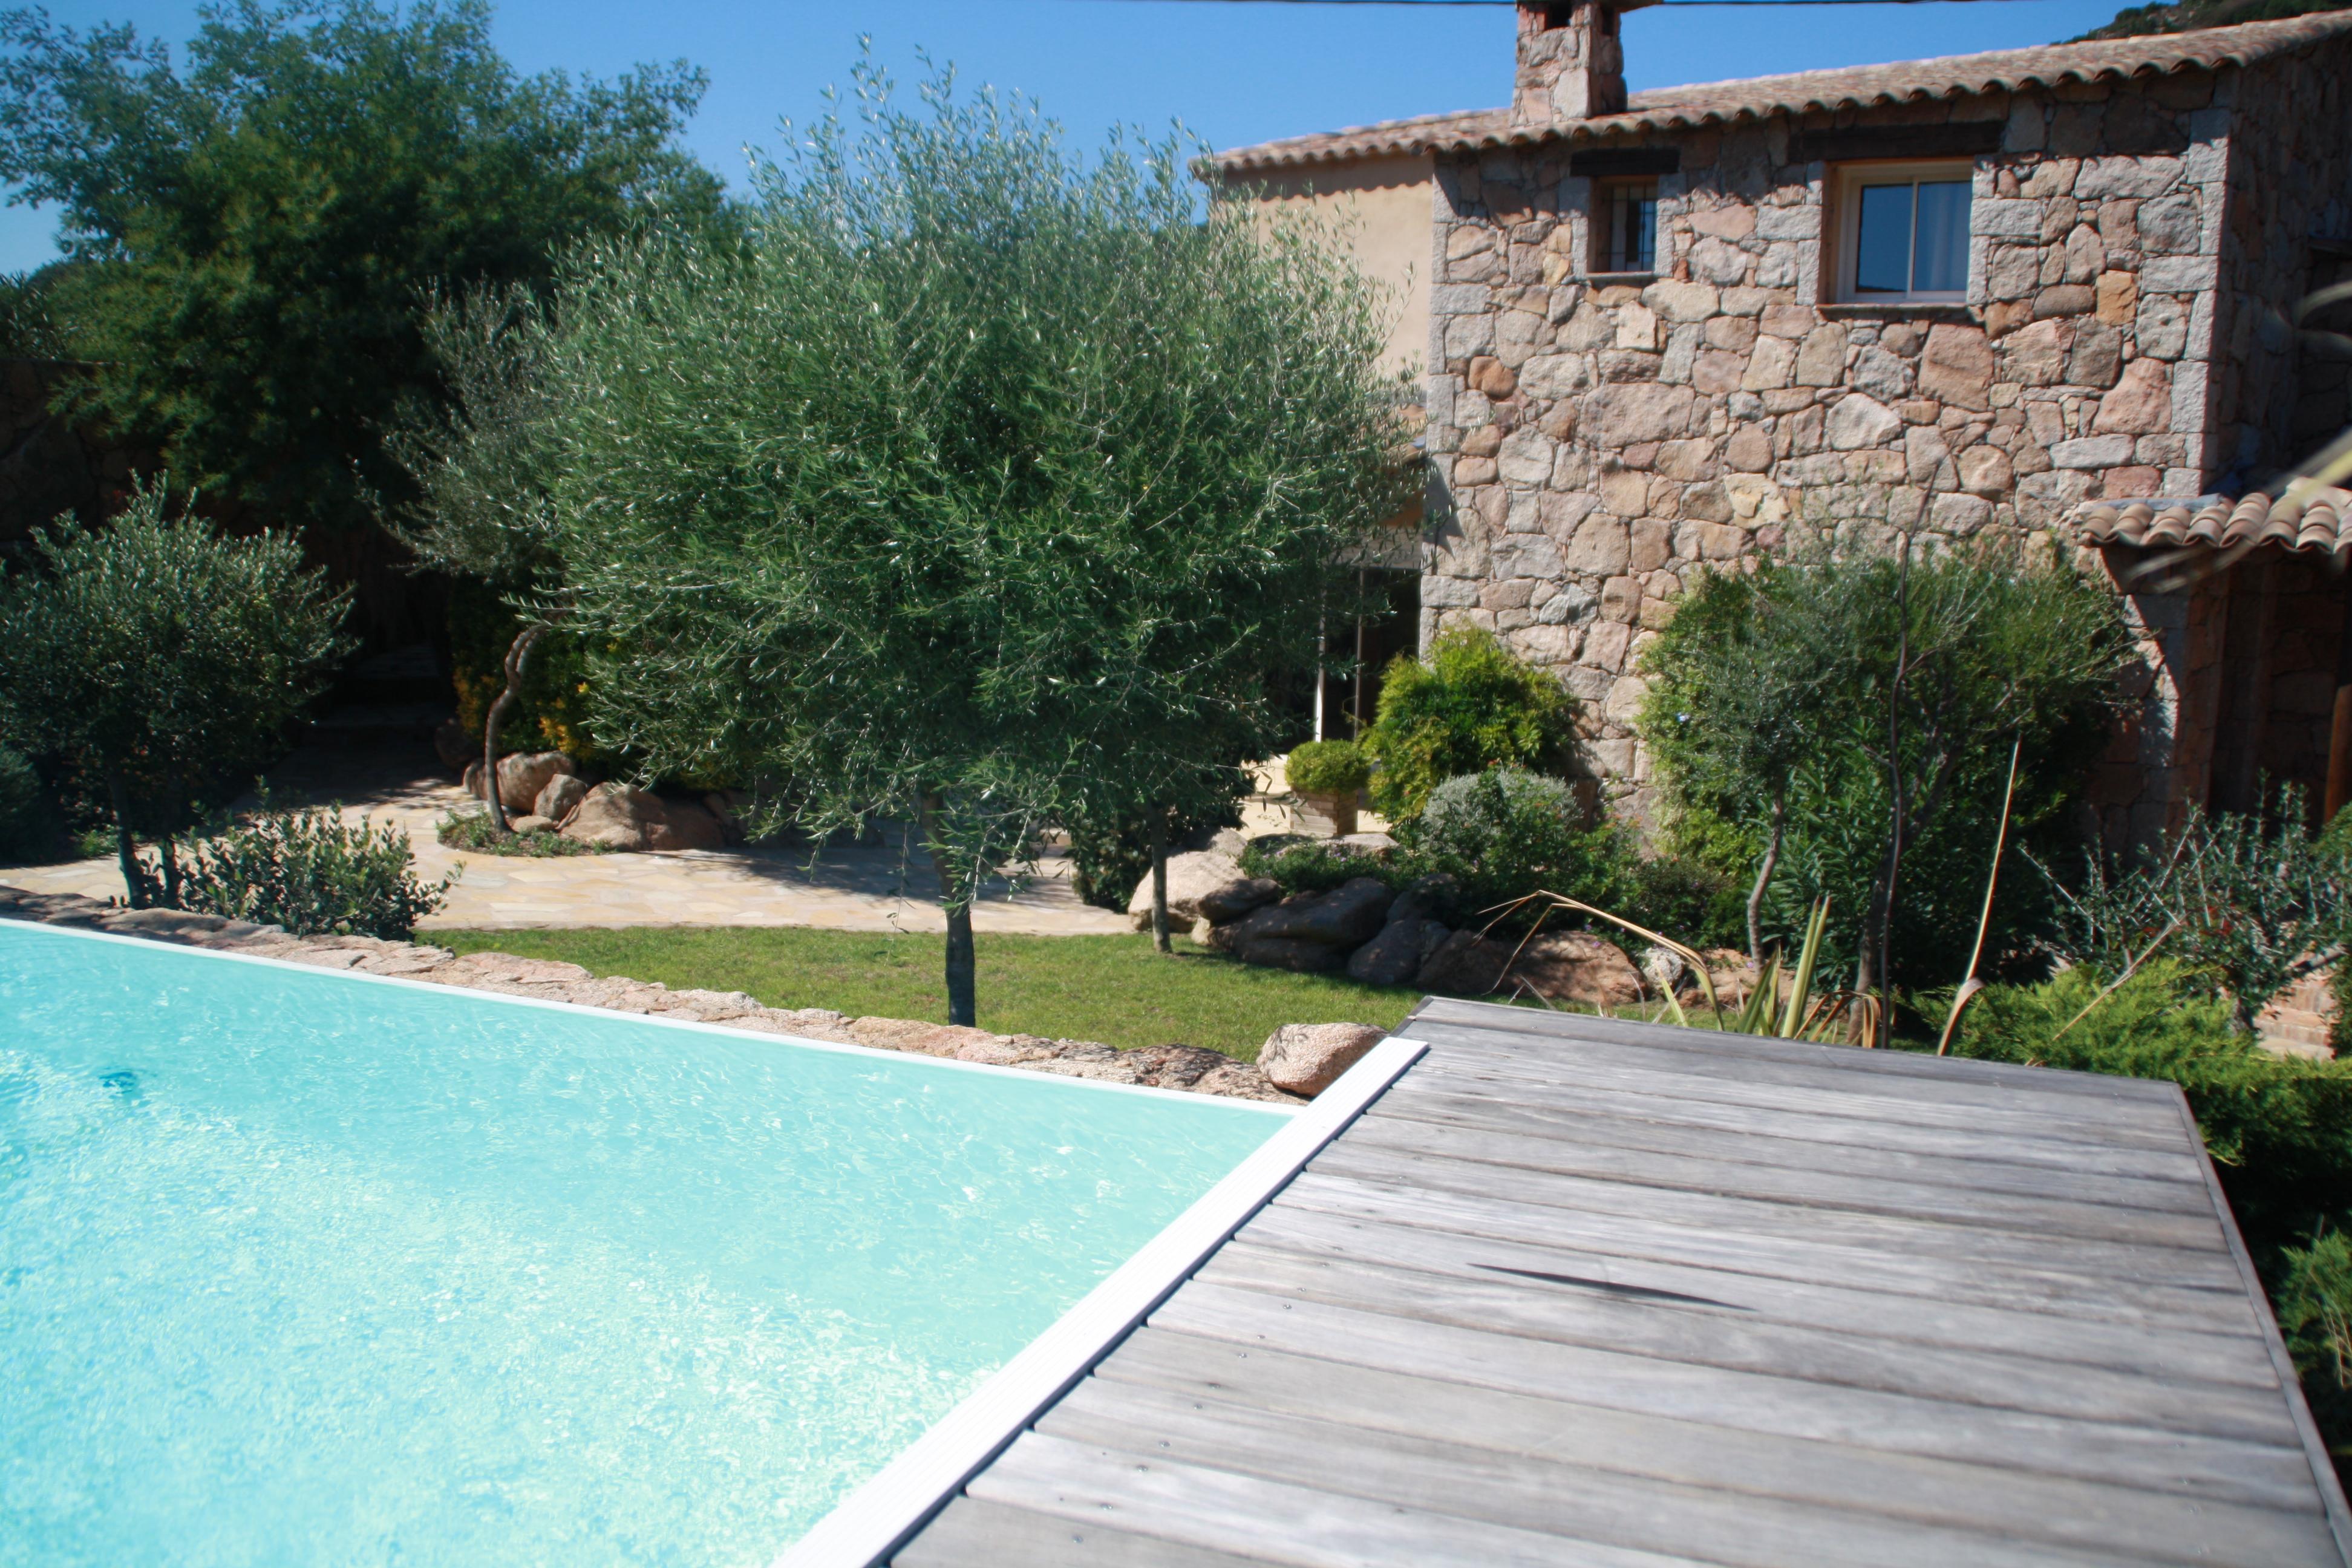 Location villa corse du sud avec piscine villa concadoro la villa piana for Location villa